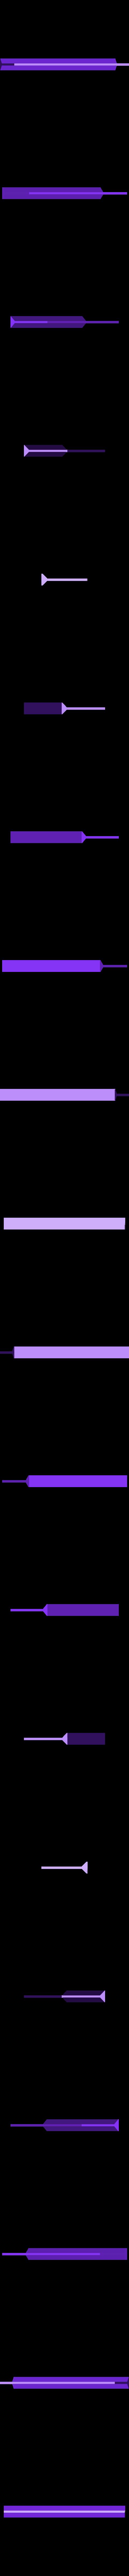 divider_45x120_diamond.stl Télécharger fichier STL gratuit Planche courbe multifonctionnelle • Design imprimable en 3D, Minweth